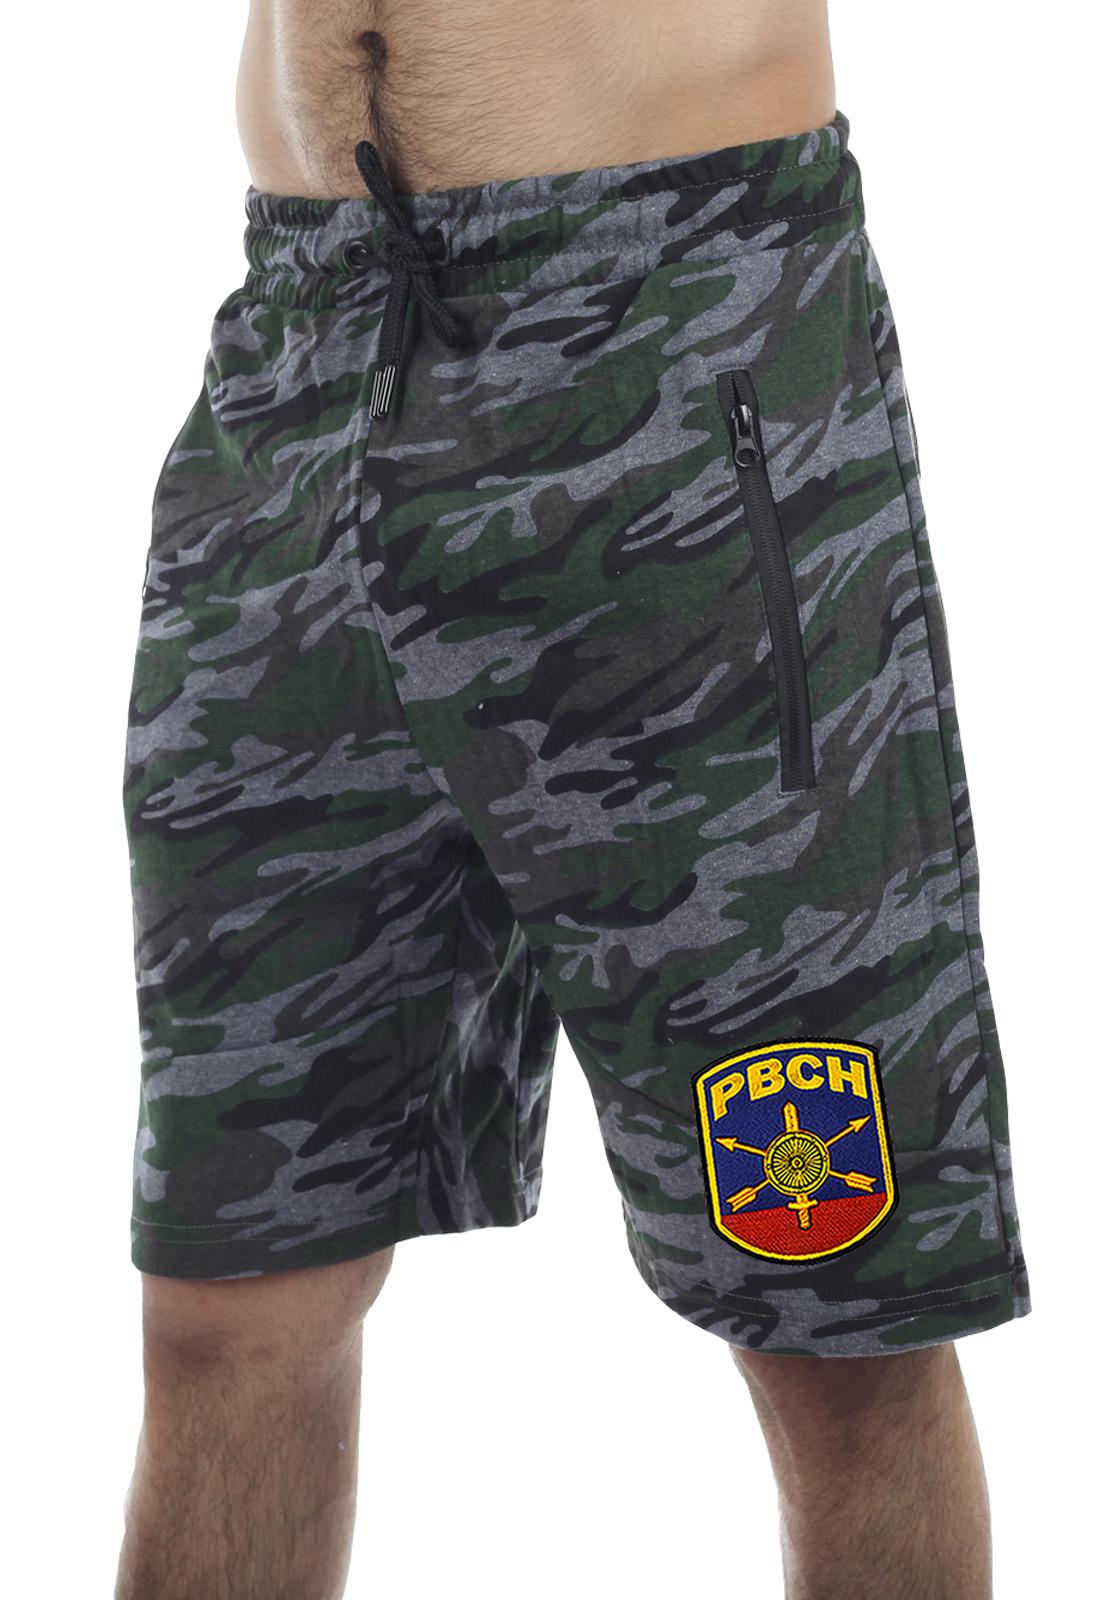 Купить армейские камуфляжные шорты с карманами и нашивкой РВСН в подарок мужчине